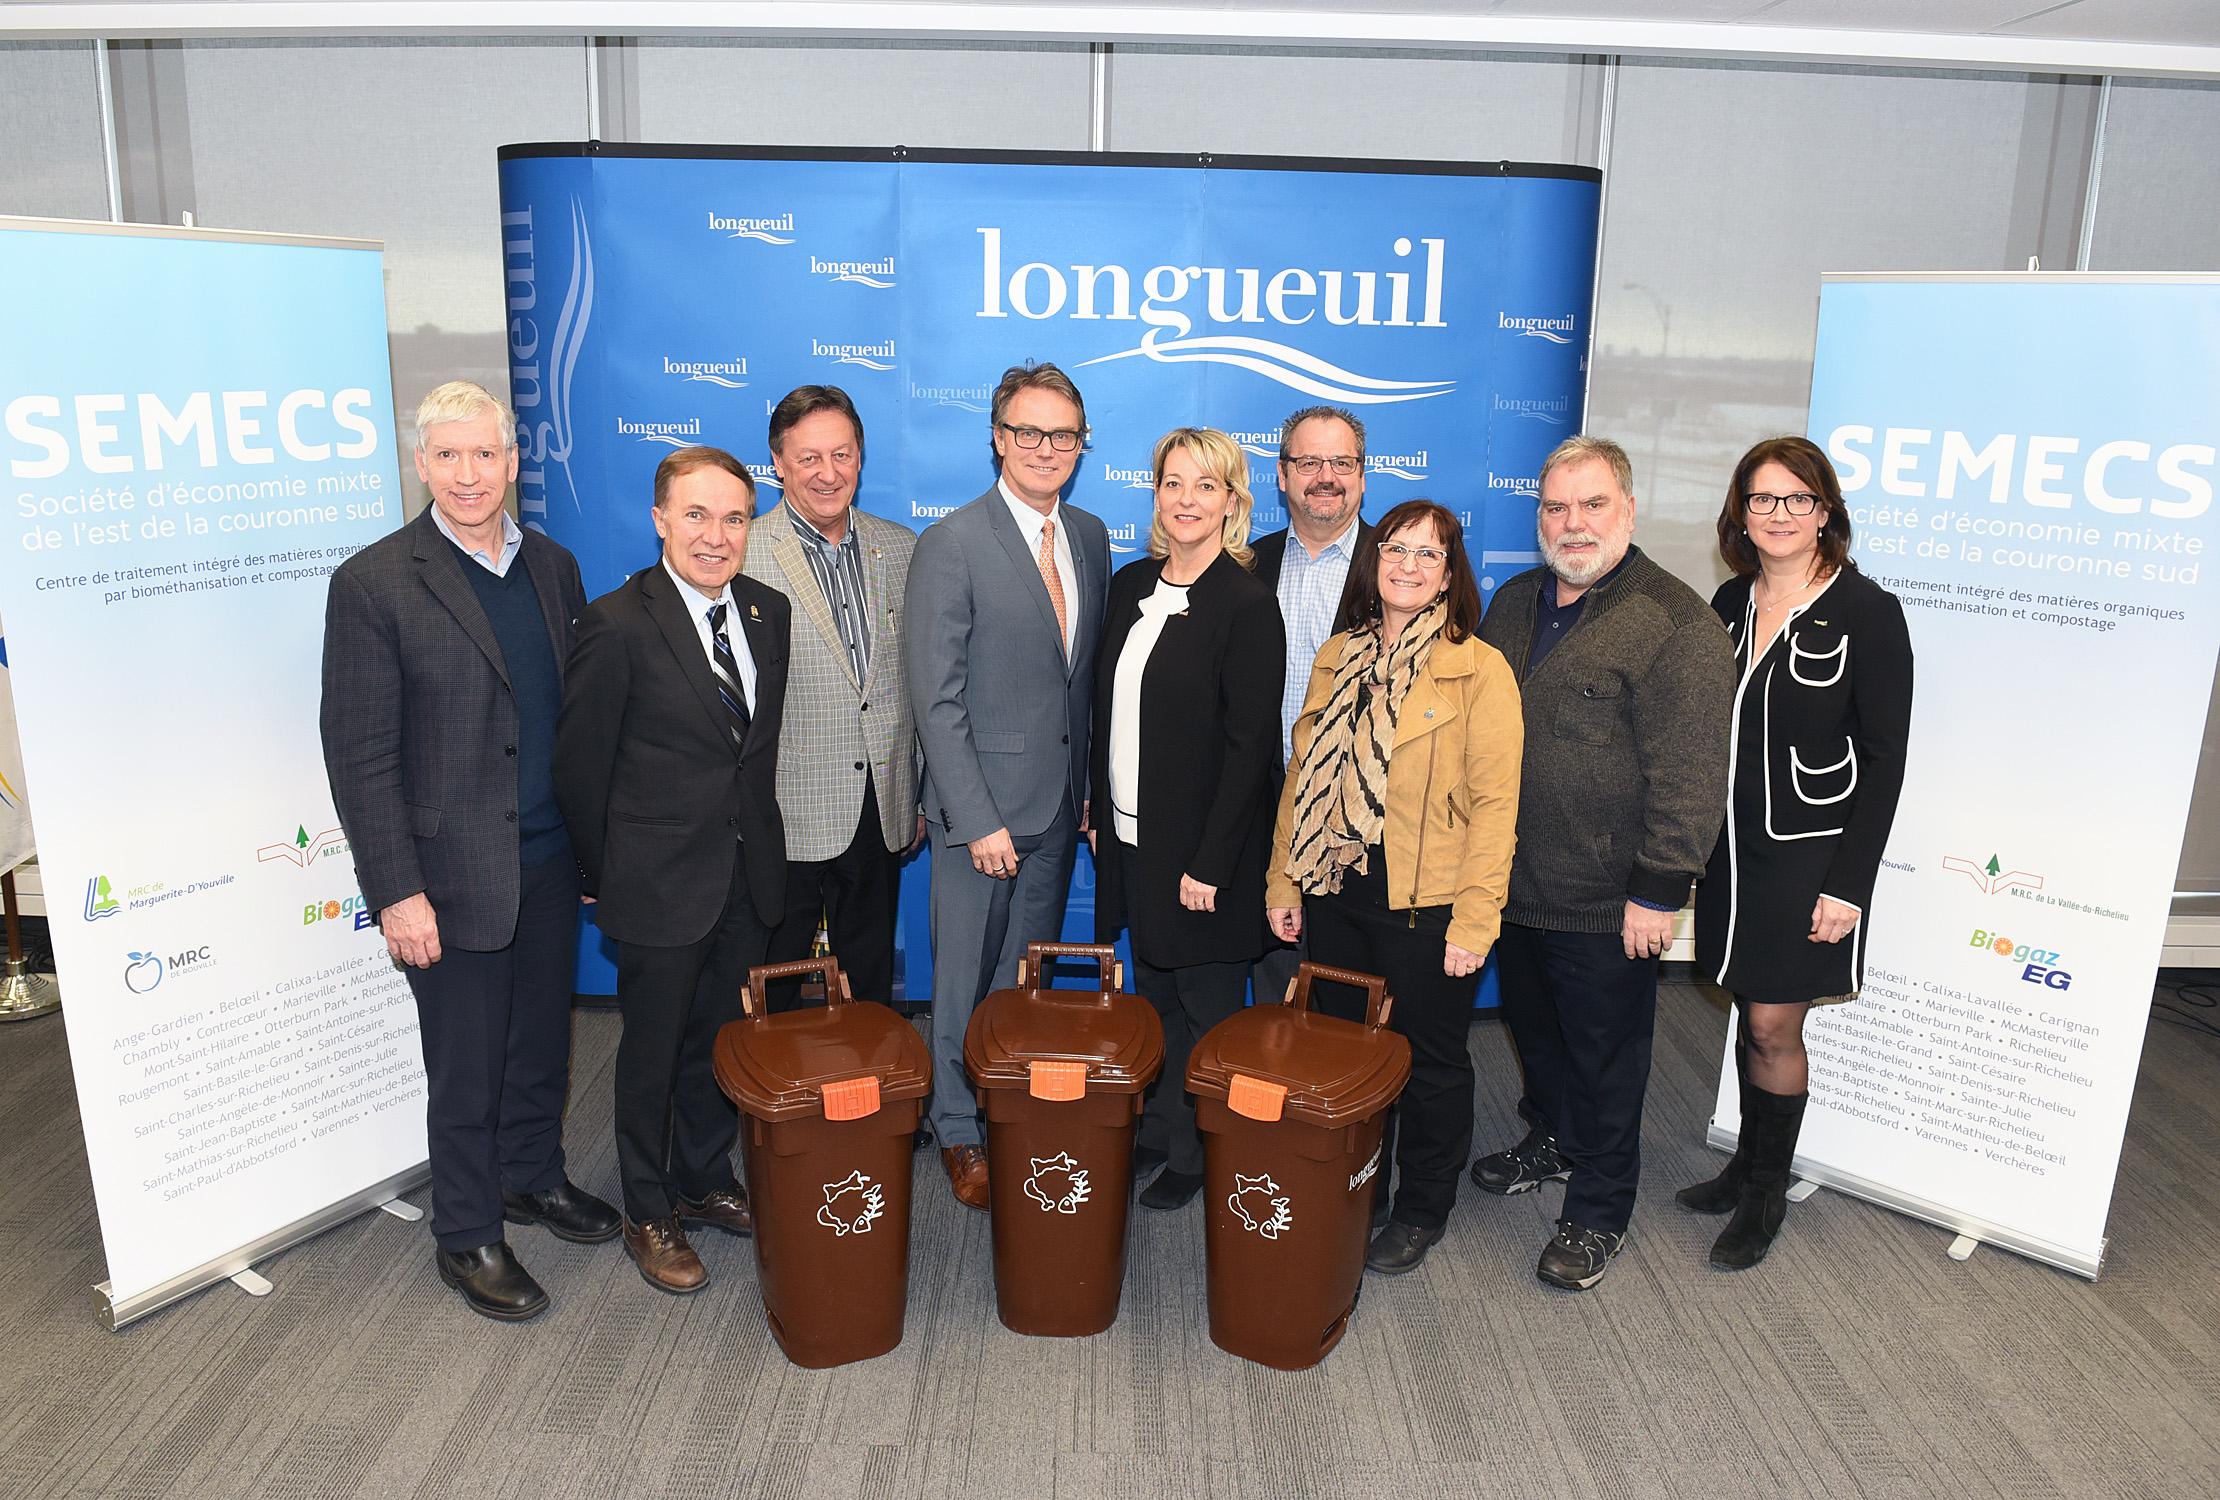 L'agglomération de Longueuil et la SÉMECS concluent une entente pour le traitement des matières organiques à Varennes